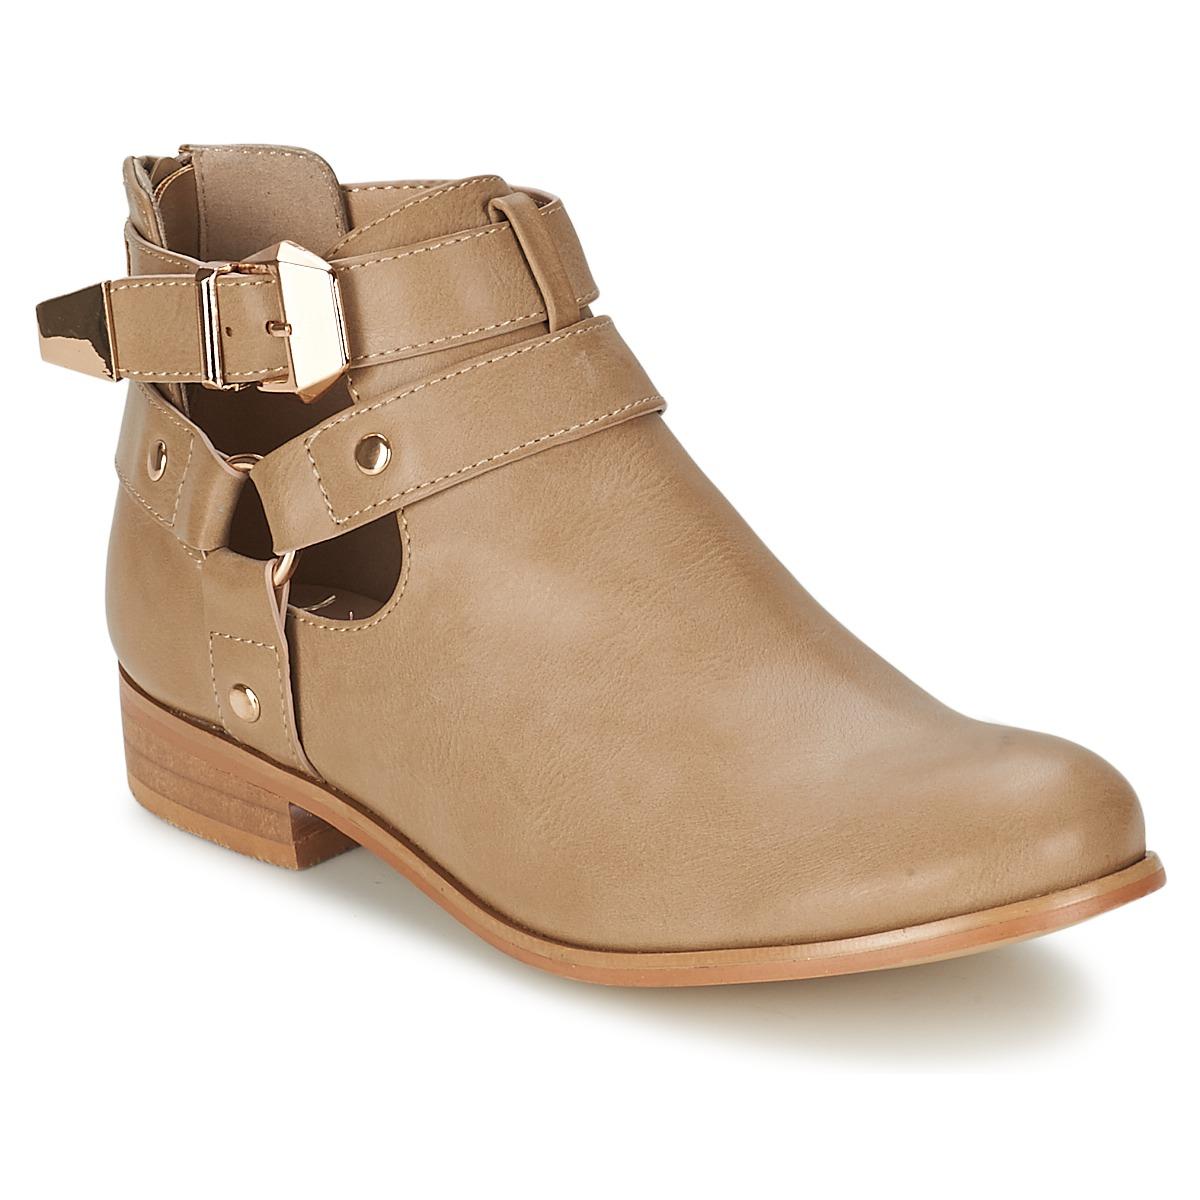 Moony Mood BEZAH Beige - Kostenloser Versand bei Spartoode ! - Schuhe Boots Damen 32,99 €